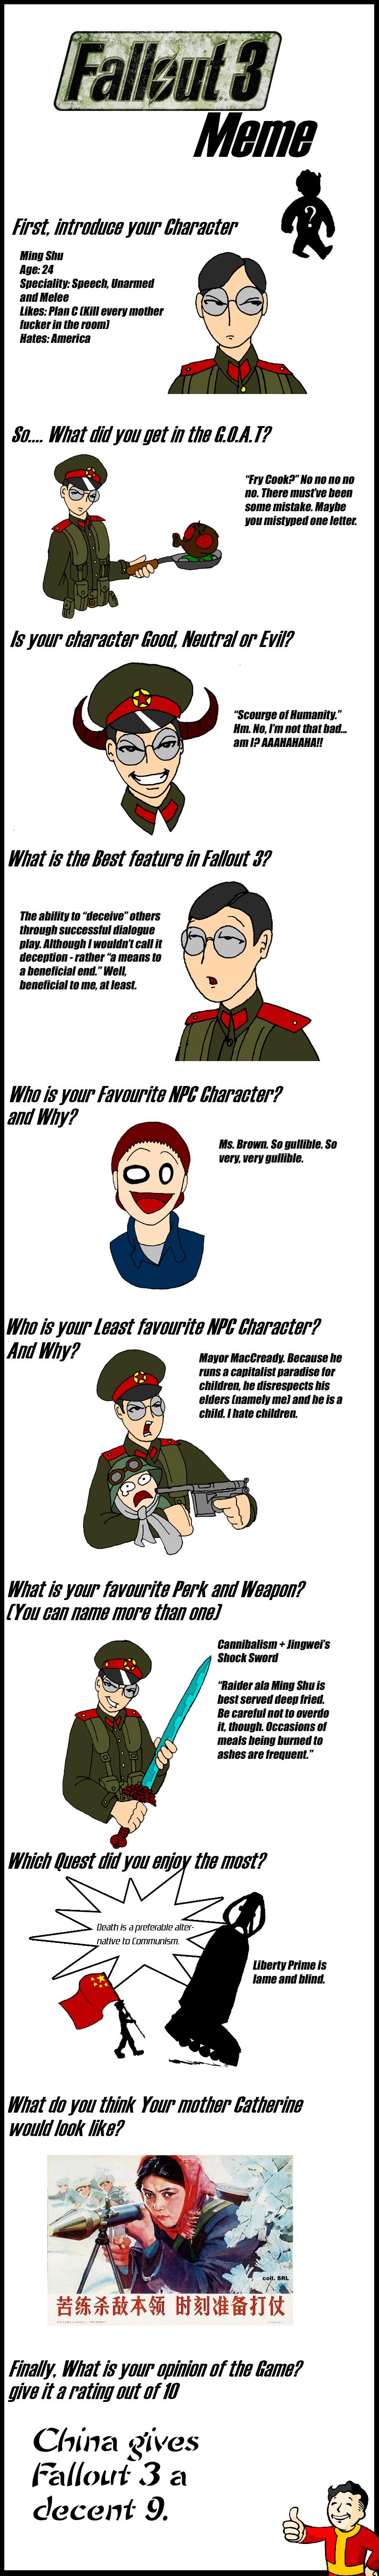 Fallout 3 Meme by AlexeiKazansky